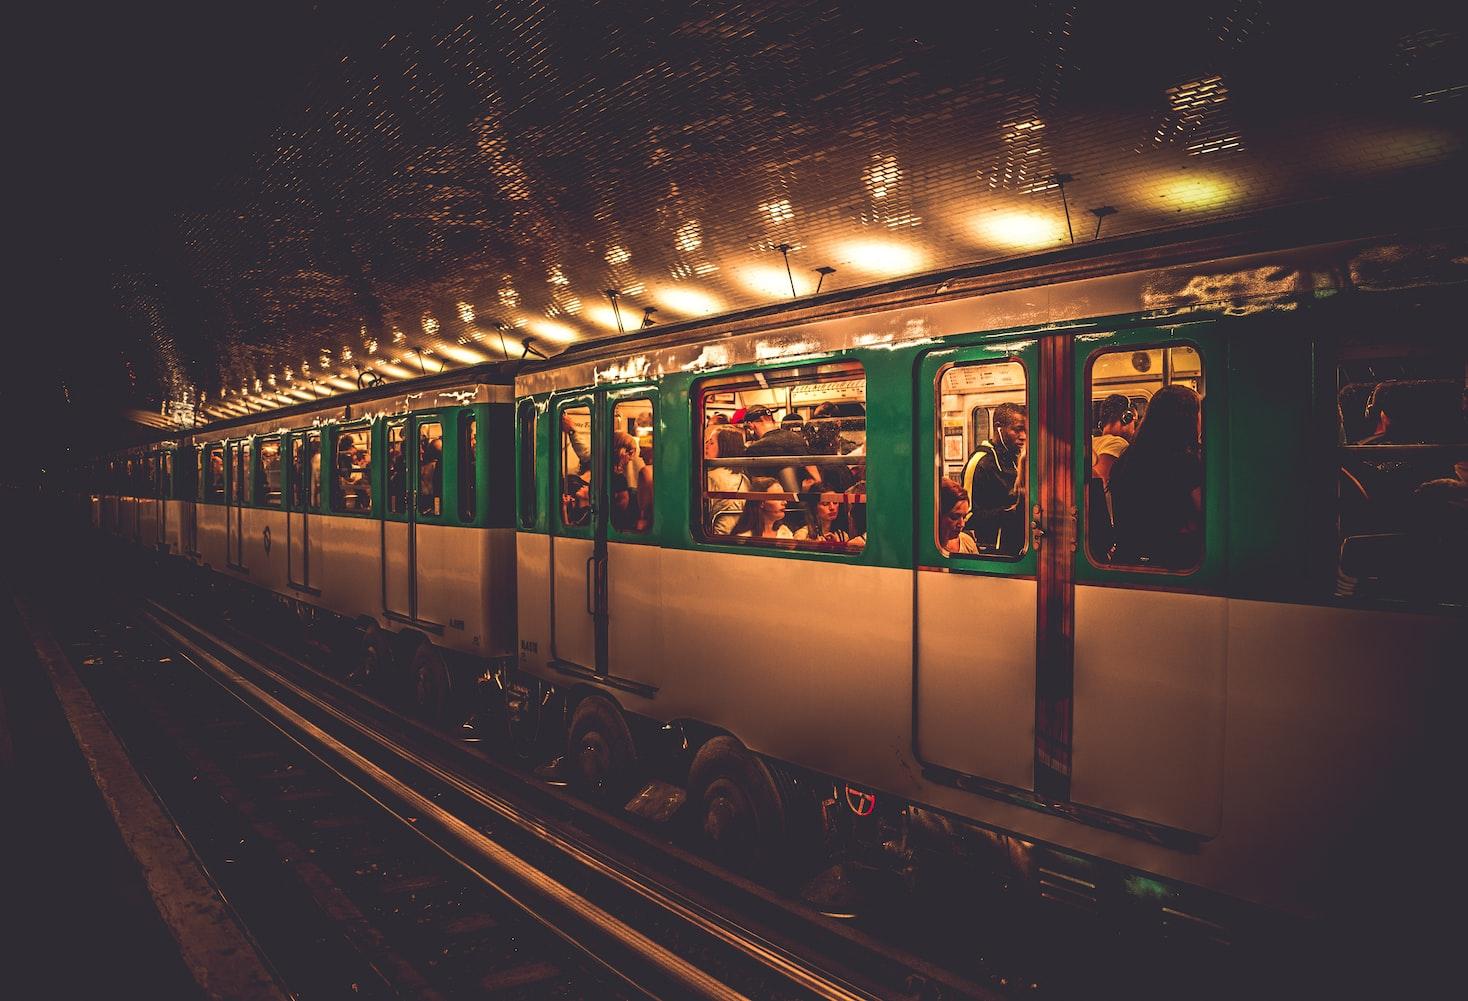 A train in Paris